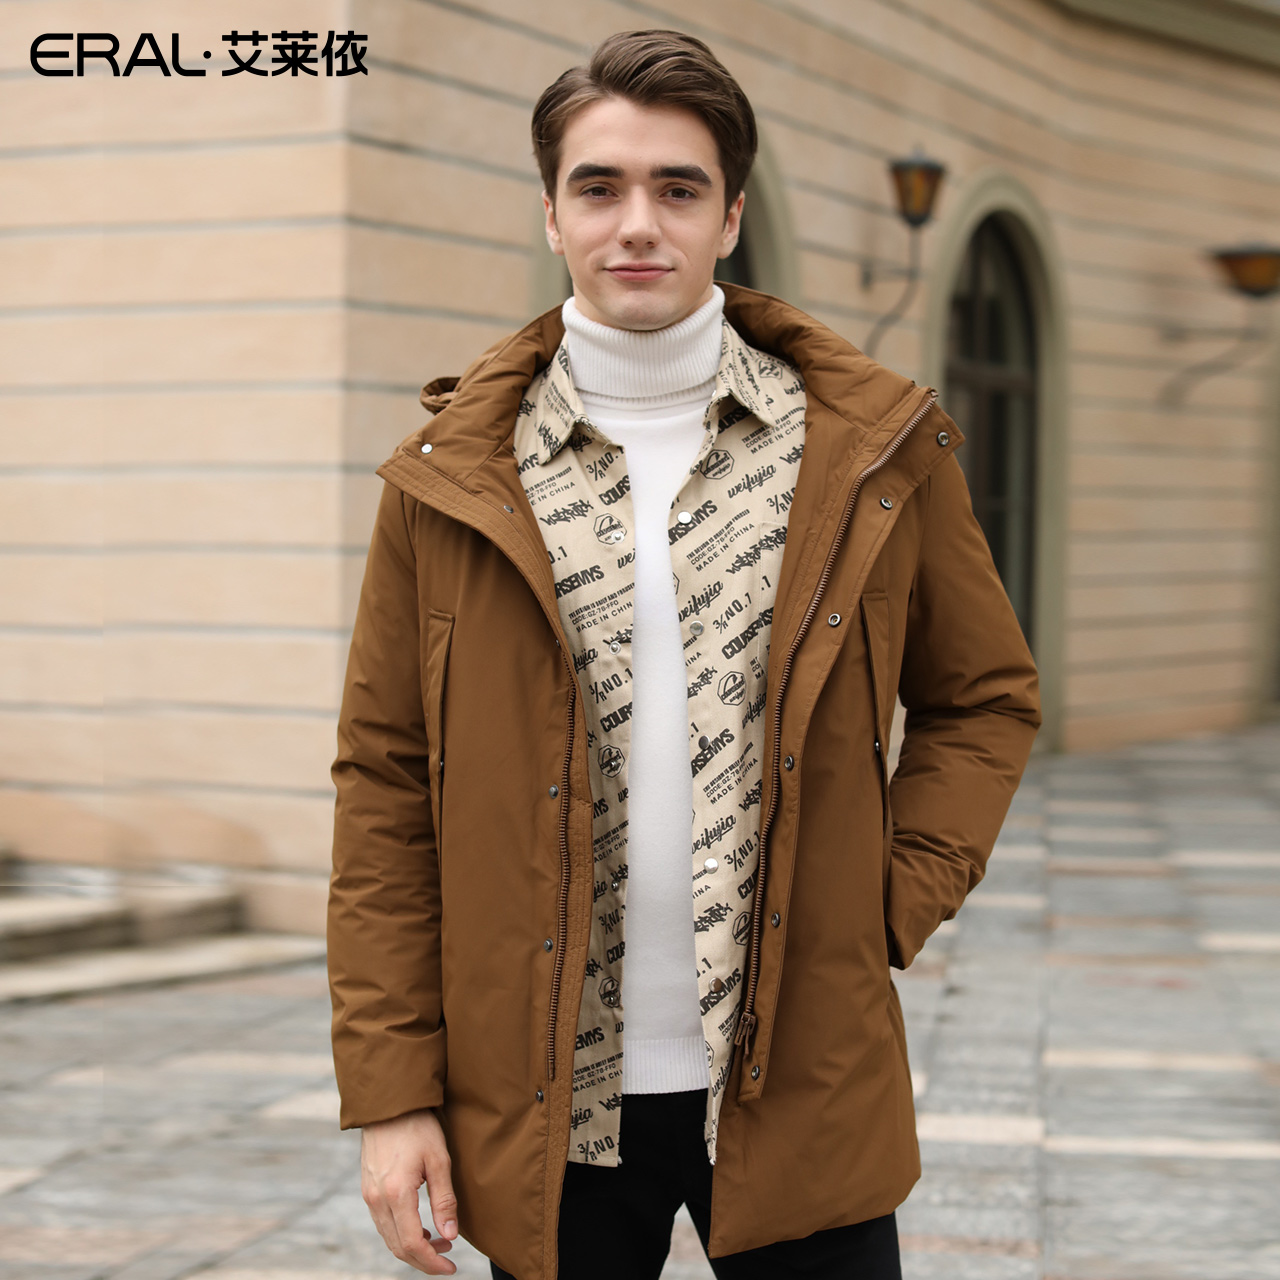 6018410362019艾莱依秋冬新款商务风式男羽绒服短款冬装外套